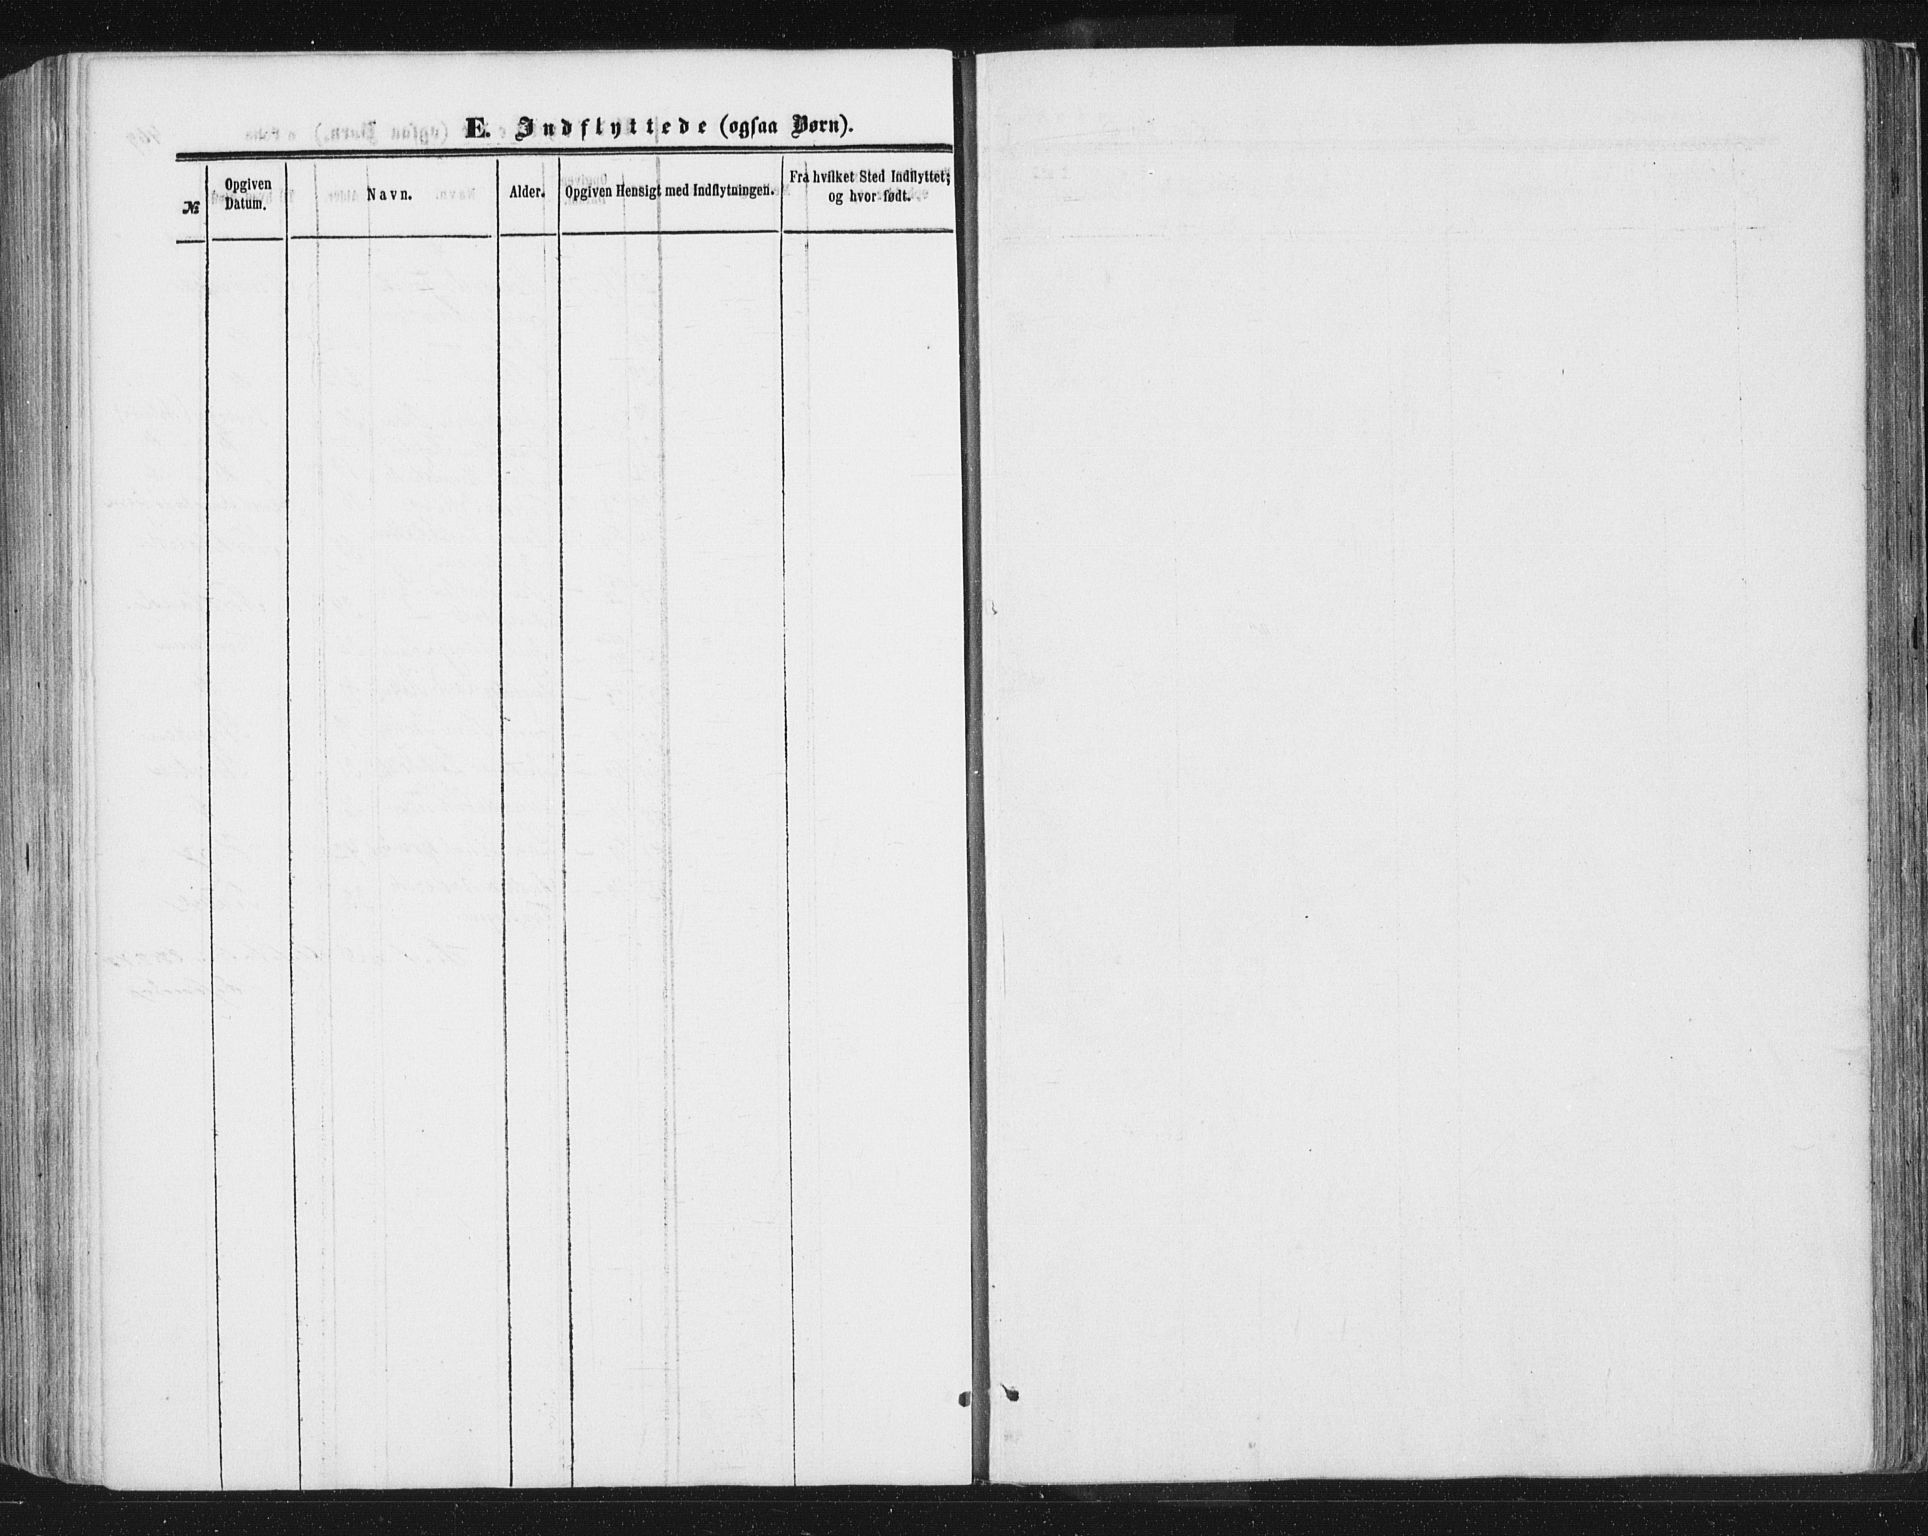 SAT, Ministerialprotokoller, klokkerbøker og fødselsregistre - Sør-Trøndelag, 691/L1077: Ministerialbok nr. 691A09, 1862-1873